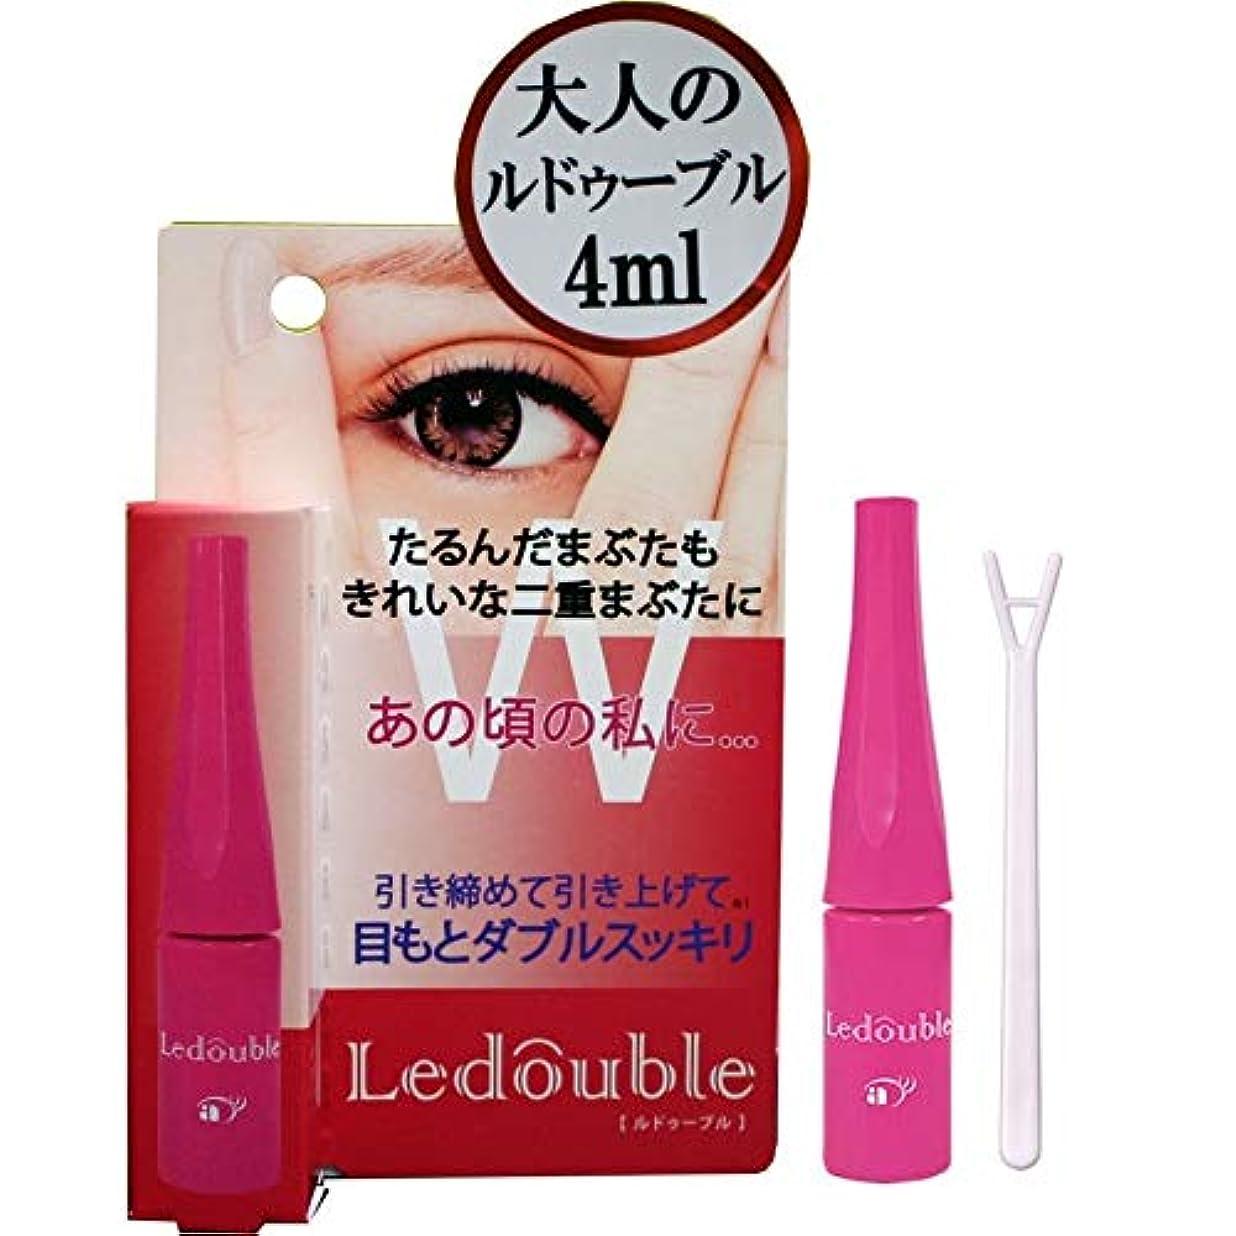 デマンド辛い権威大人のLedouble [大人のルドゥーブル] 二重まぶた化粧品 (4mL)